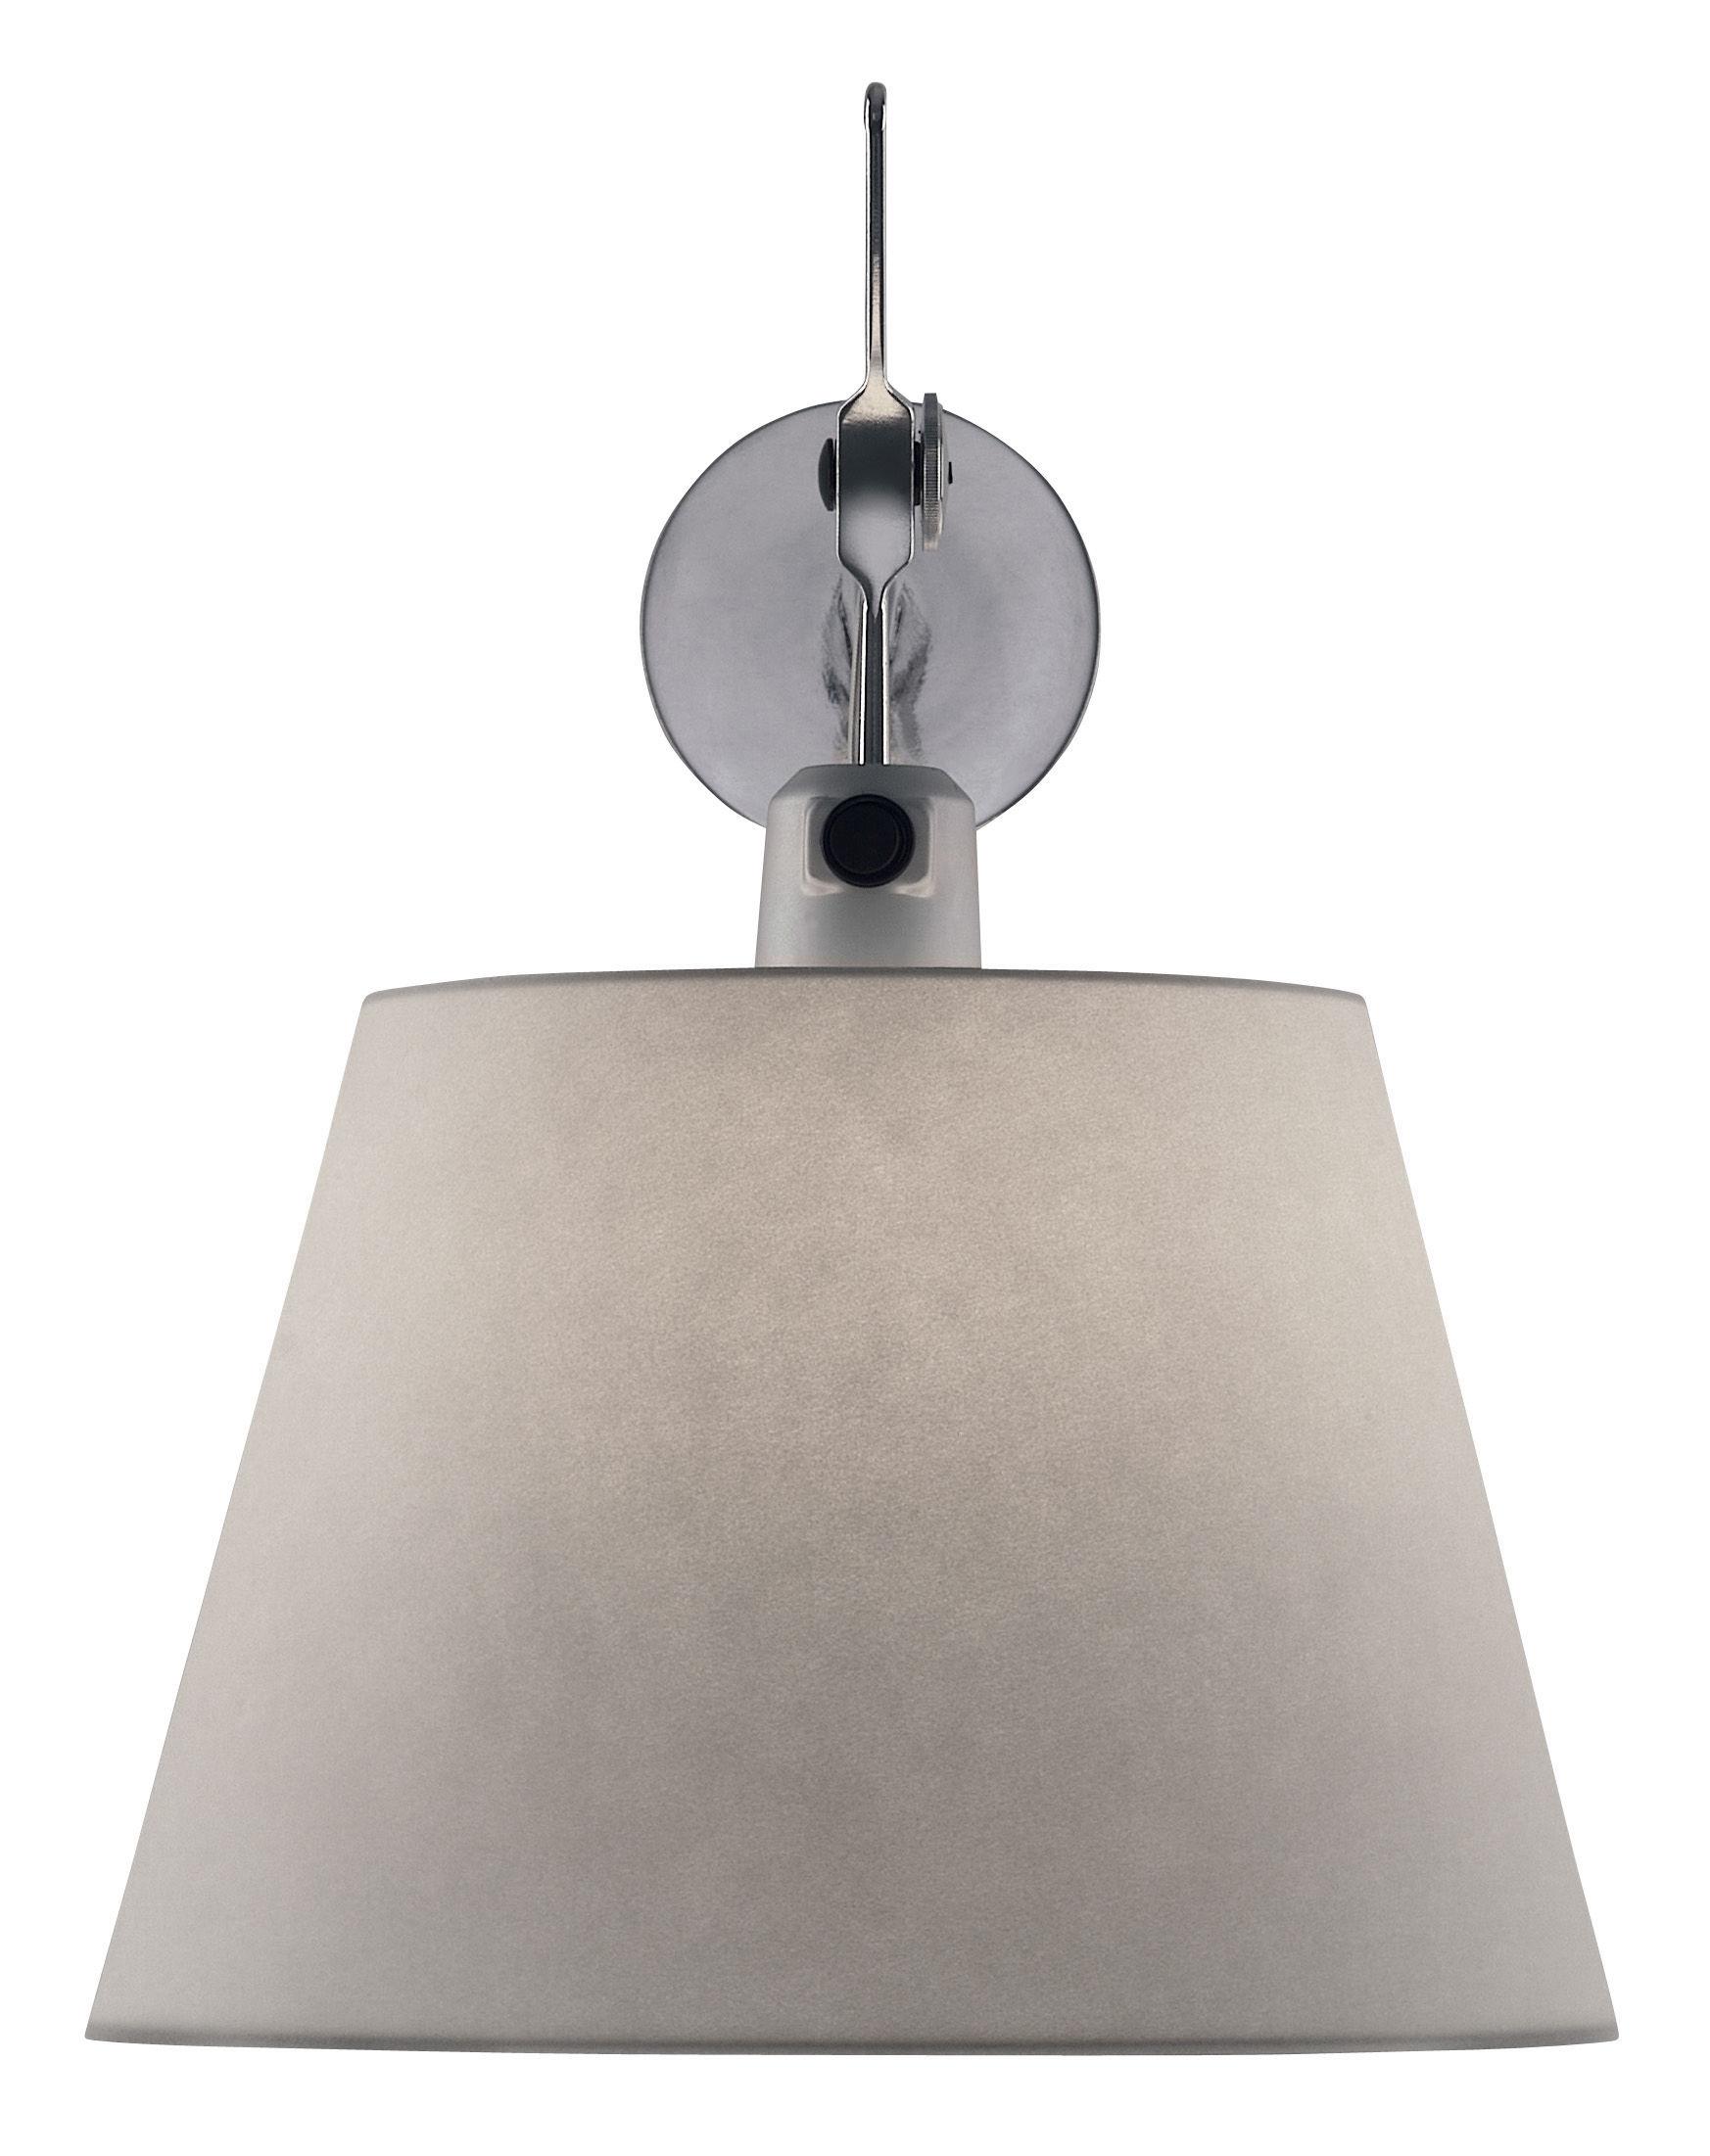 Leuchten - Wandleuchten - Tolomeo Wandleuchte Ø 32 cm - Artemide - Grauer Satin - Aluminium, Seide